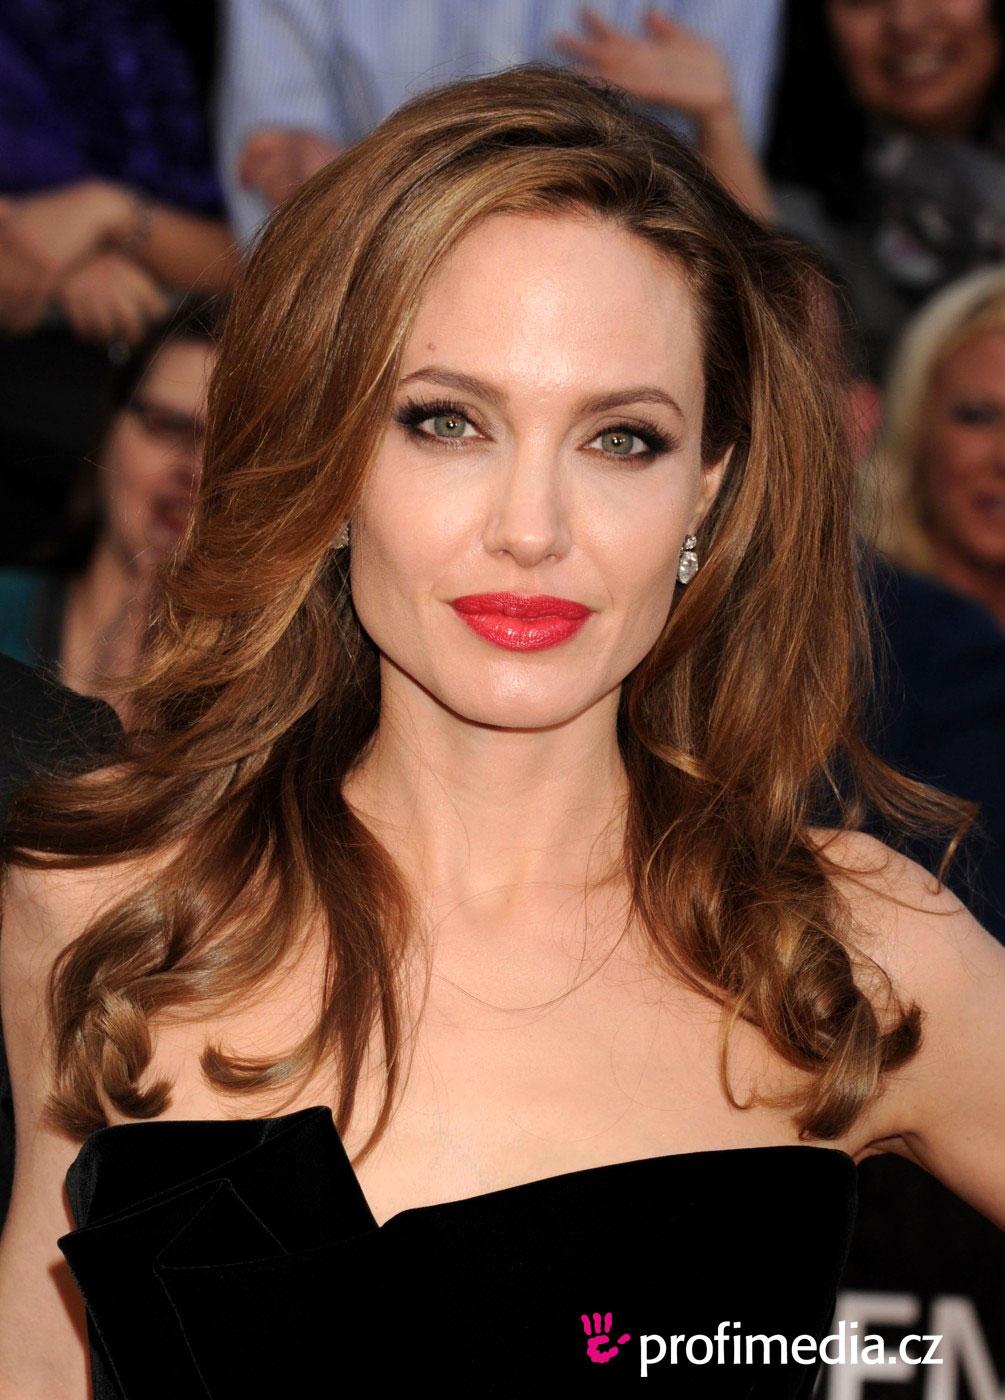 Angelina Jolie Frisur Zum Ausprobieren In EFrisuren